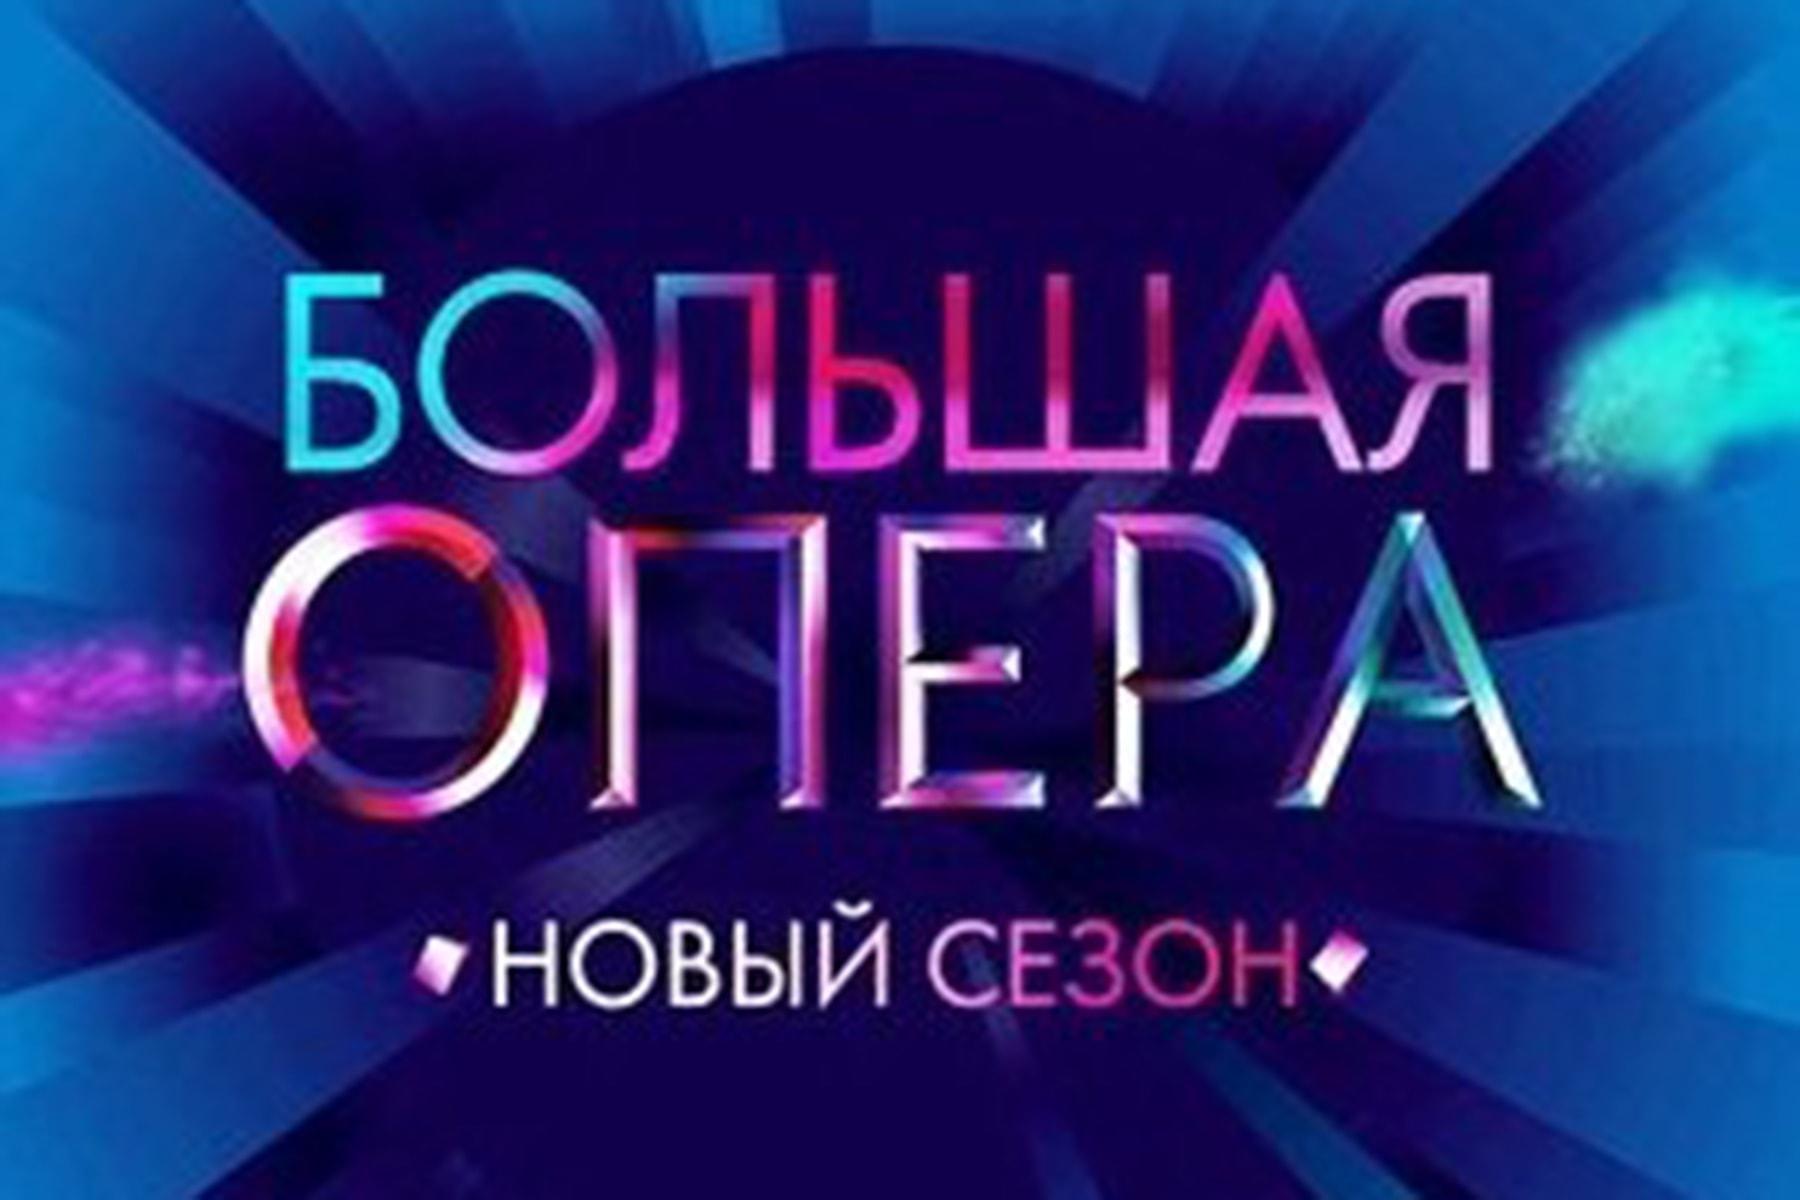 """Пятый сезон проекта """"Большая опера"""" начинается: 10 конкурсантов из 7 стран поборются за главный приз"""